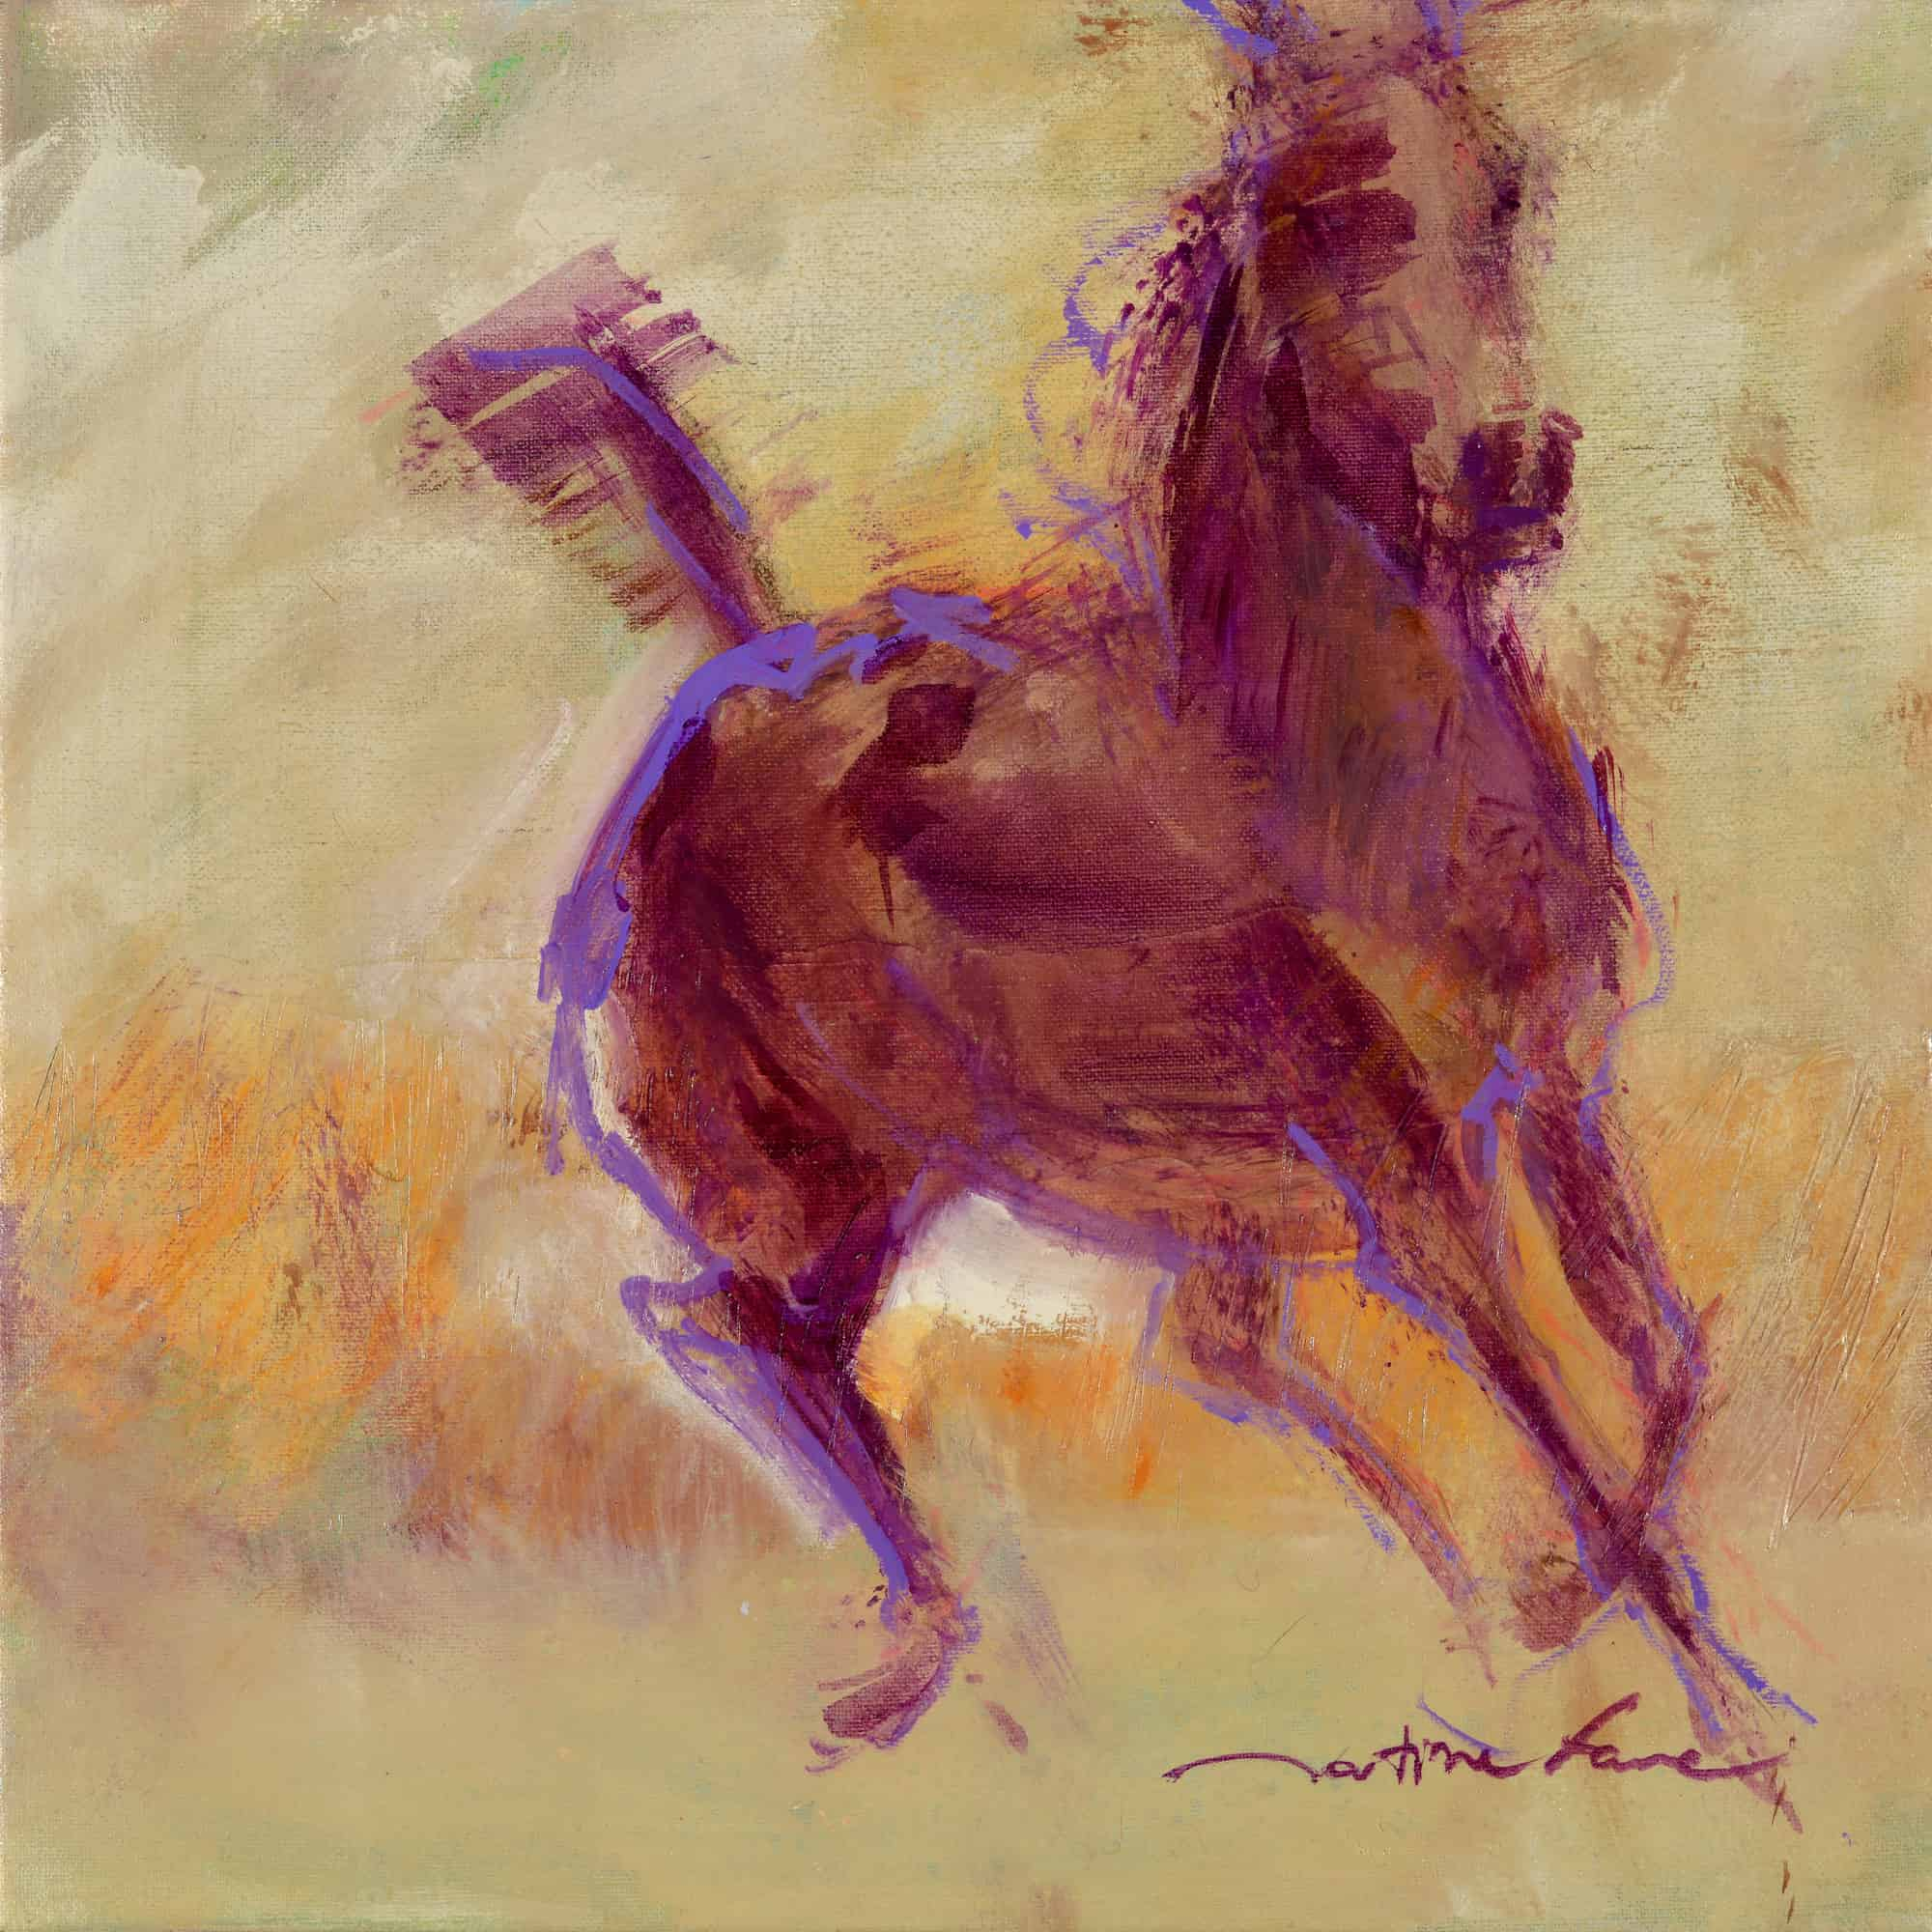 martine-favre-artiste-peinture-murale-originale-cheval-chevaux-galop-100